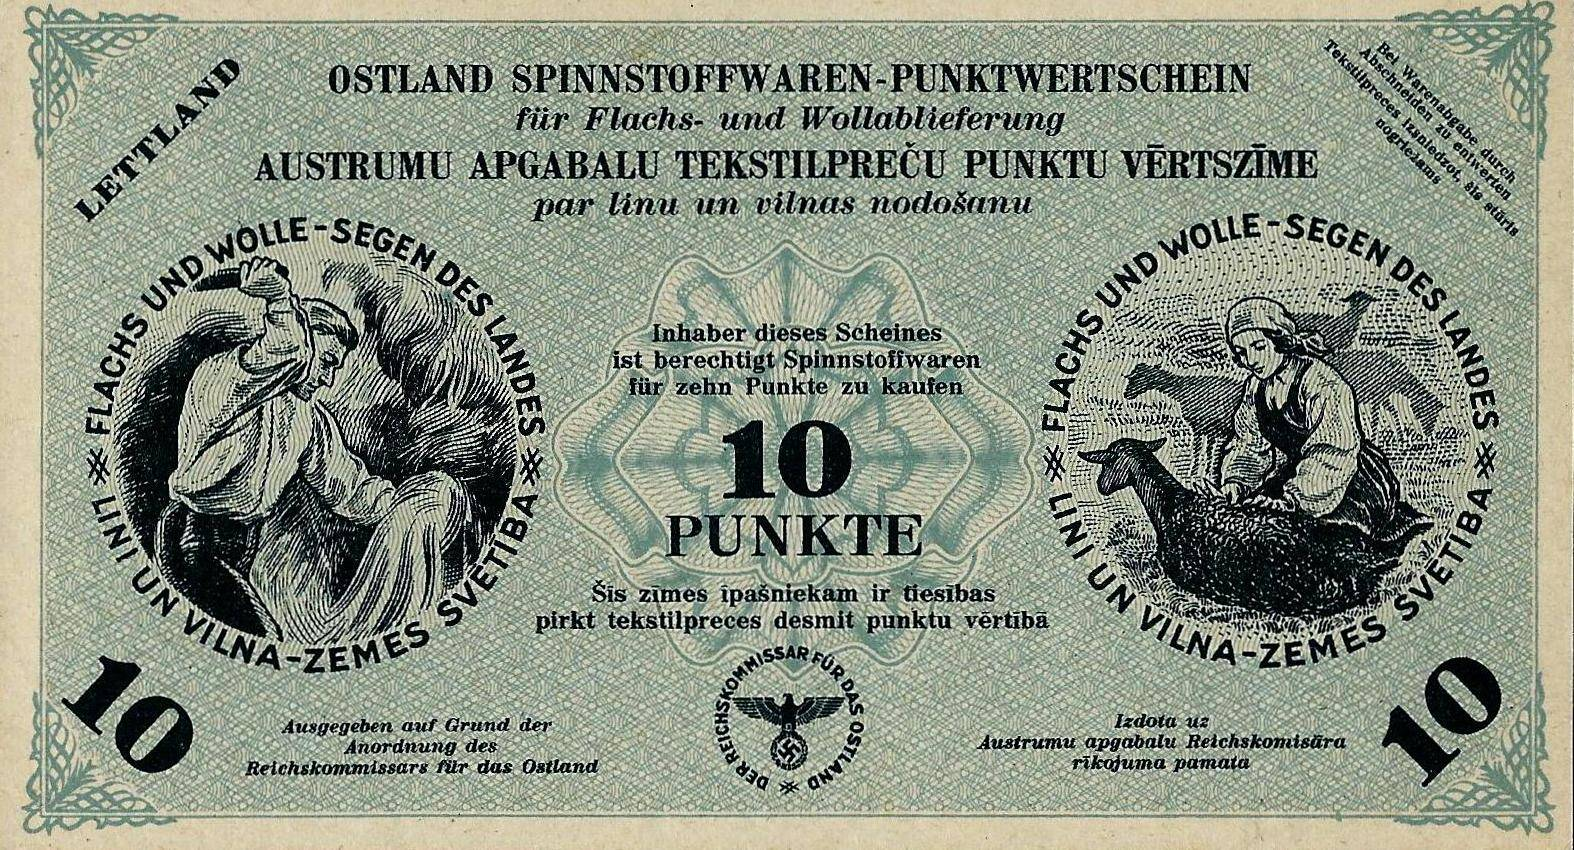 Расчетная квитанция за сданное сырье рейхскомиссариата Остланд, для Латвии, 10 пунктов, 1944 год.